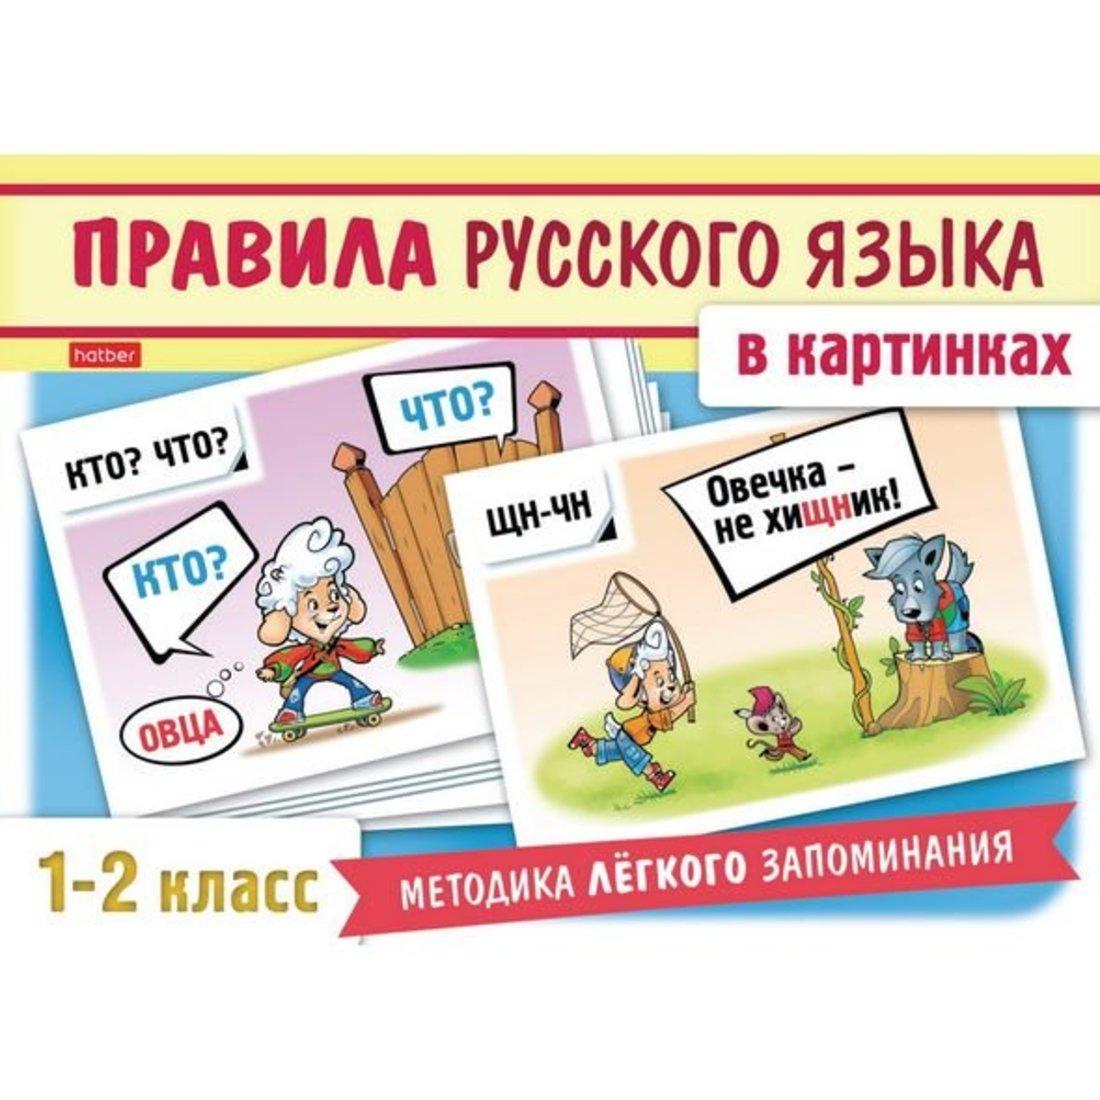 Набор карточек Правила русского языка в картинках (для 1-2 класса), 24 шт